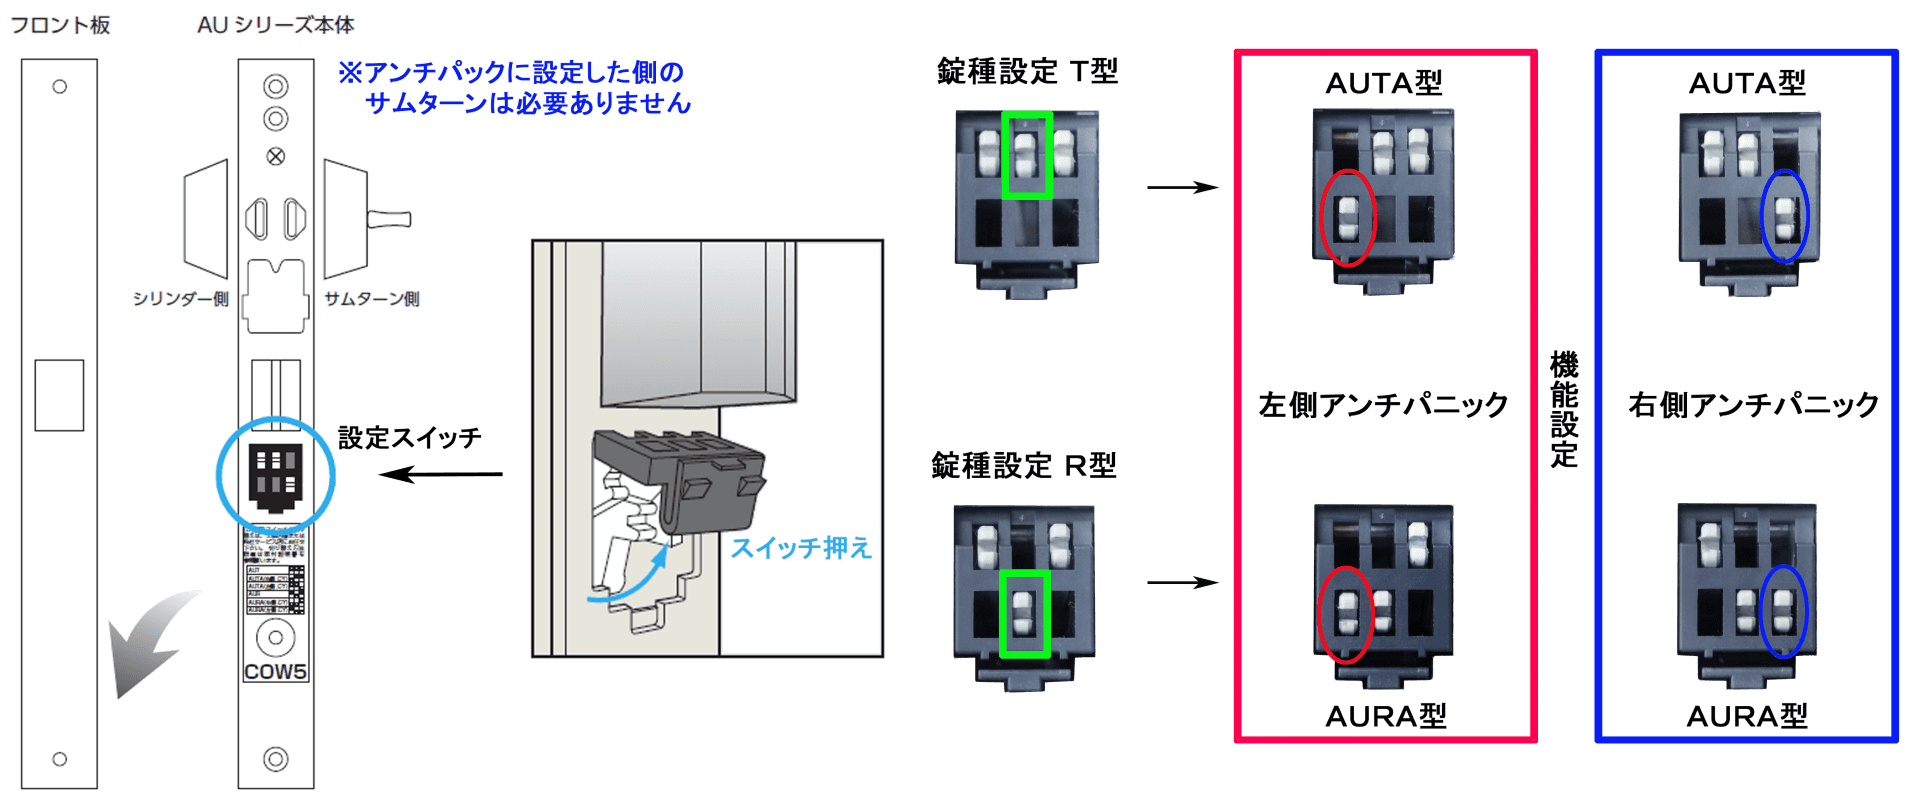 設定スイッチパターンは6種類